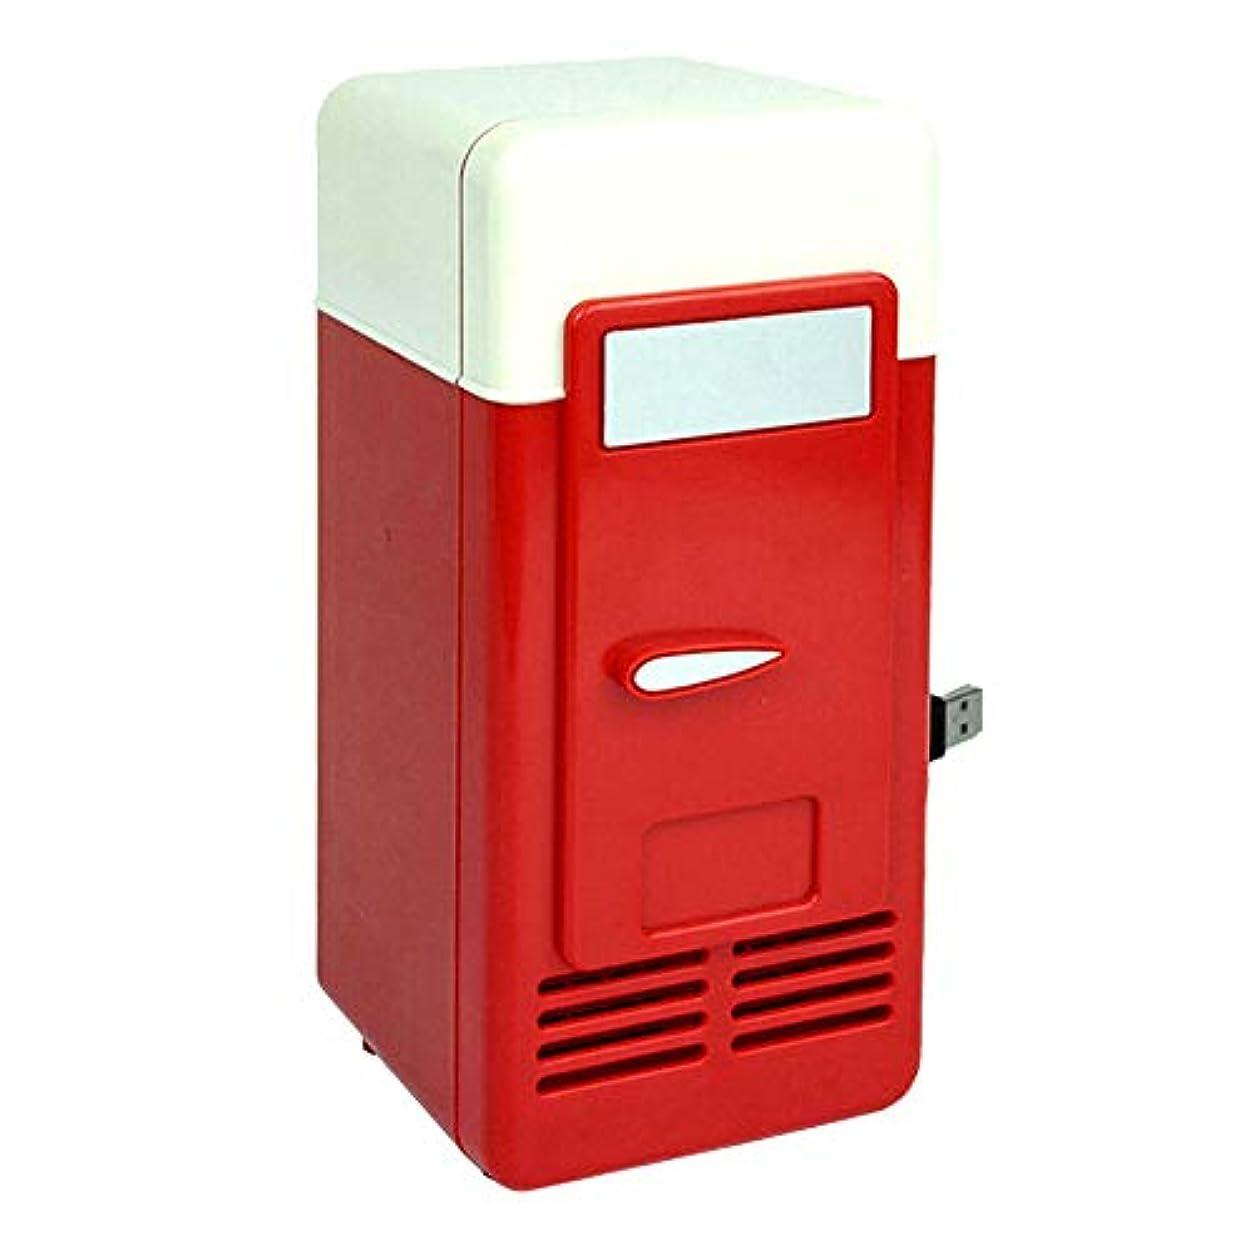 回る提案提供RETYLY USBミニ冷蔵庫コールドドロップドッピング冷凍庫USBミニ冷蔵庫小型ポータブルソーダミニ冷蔵庫 カー用レッド